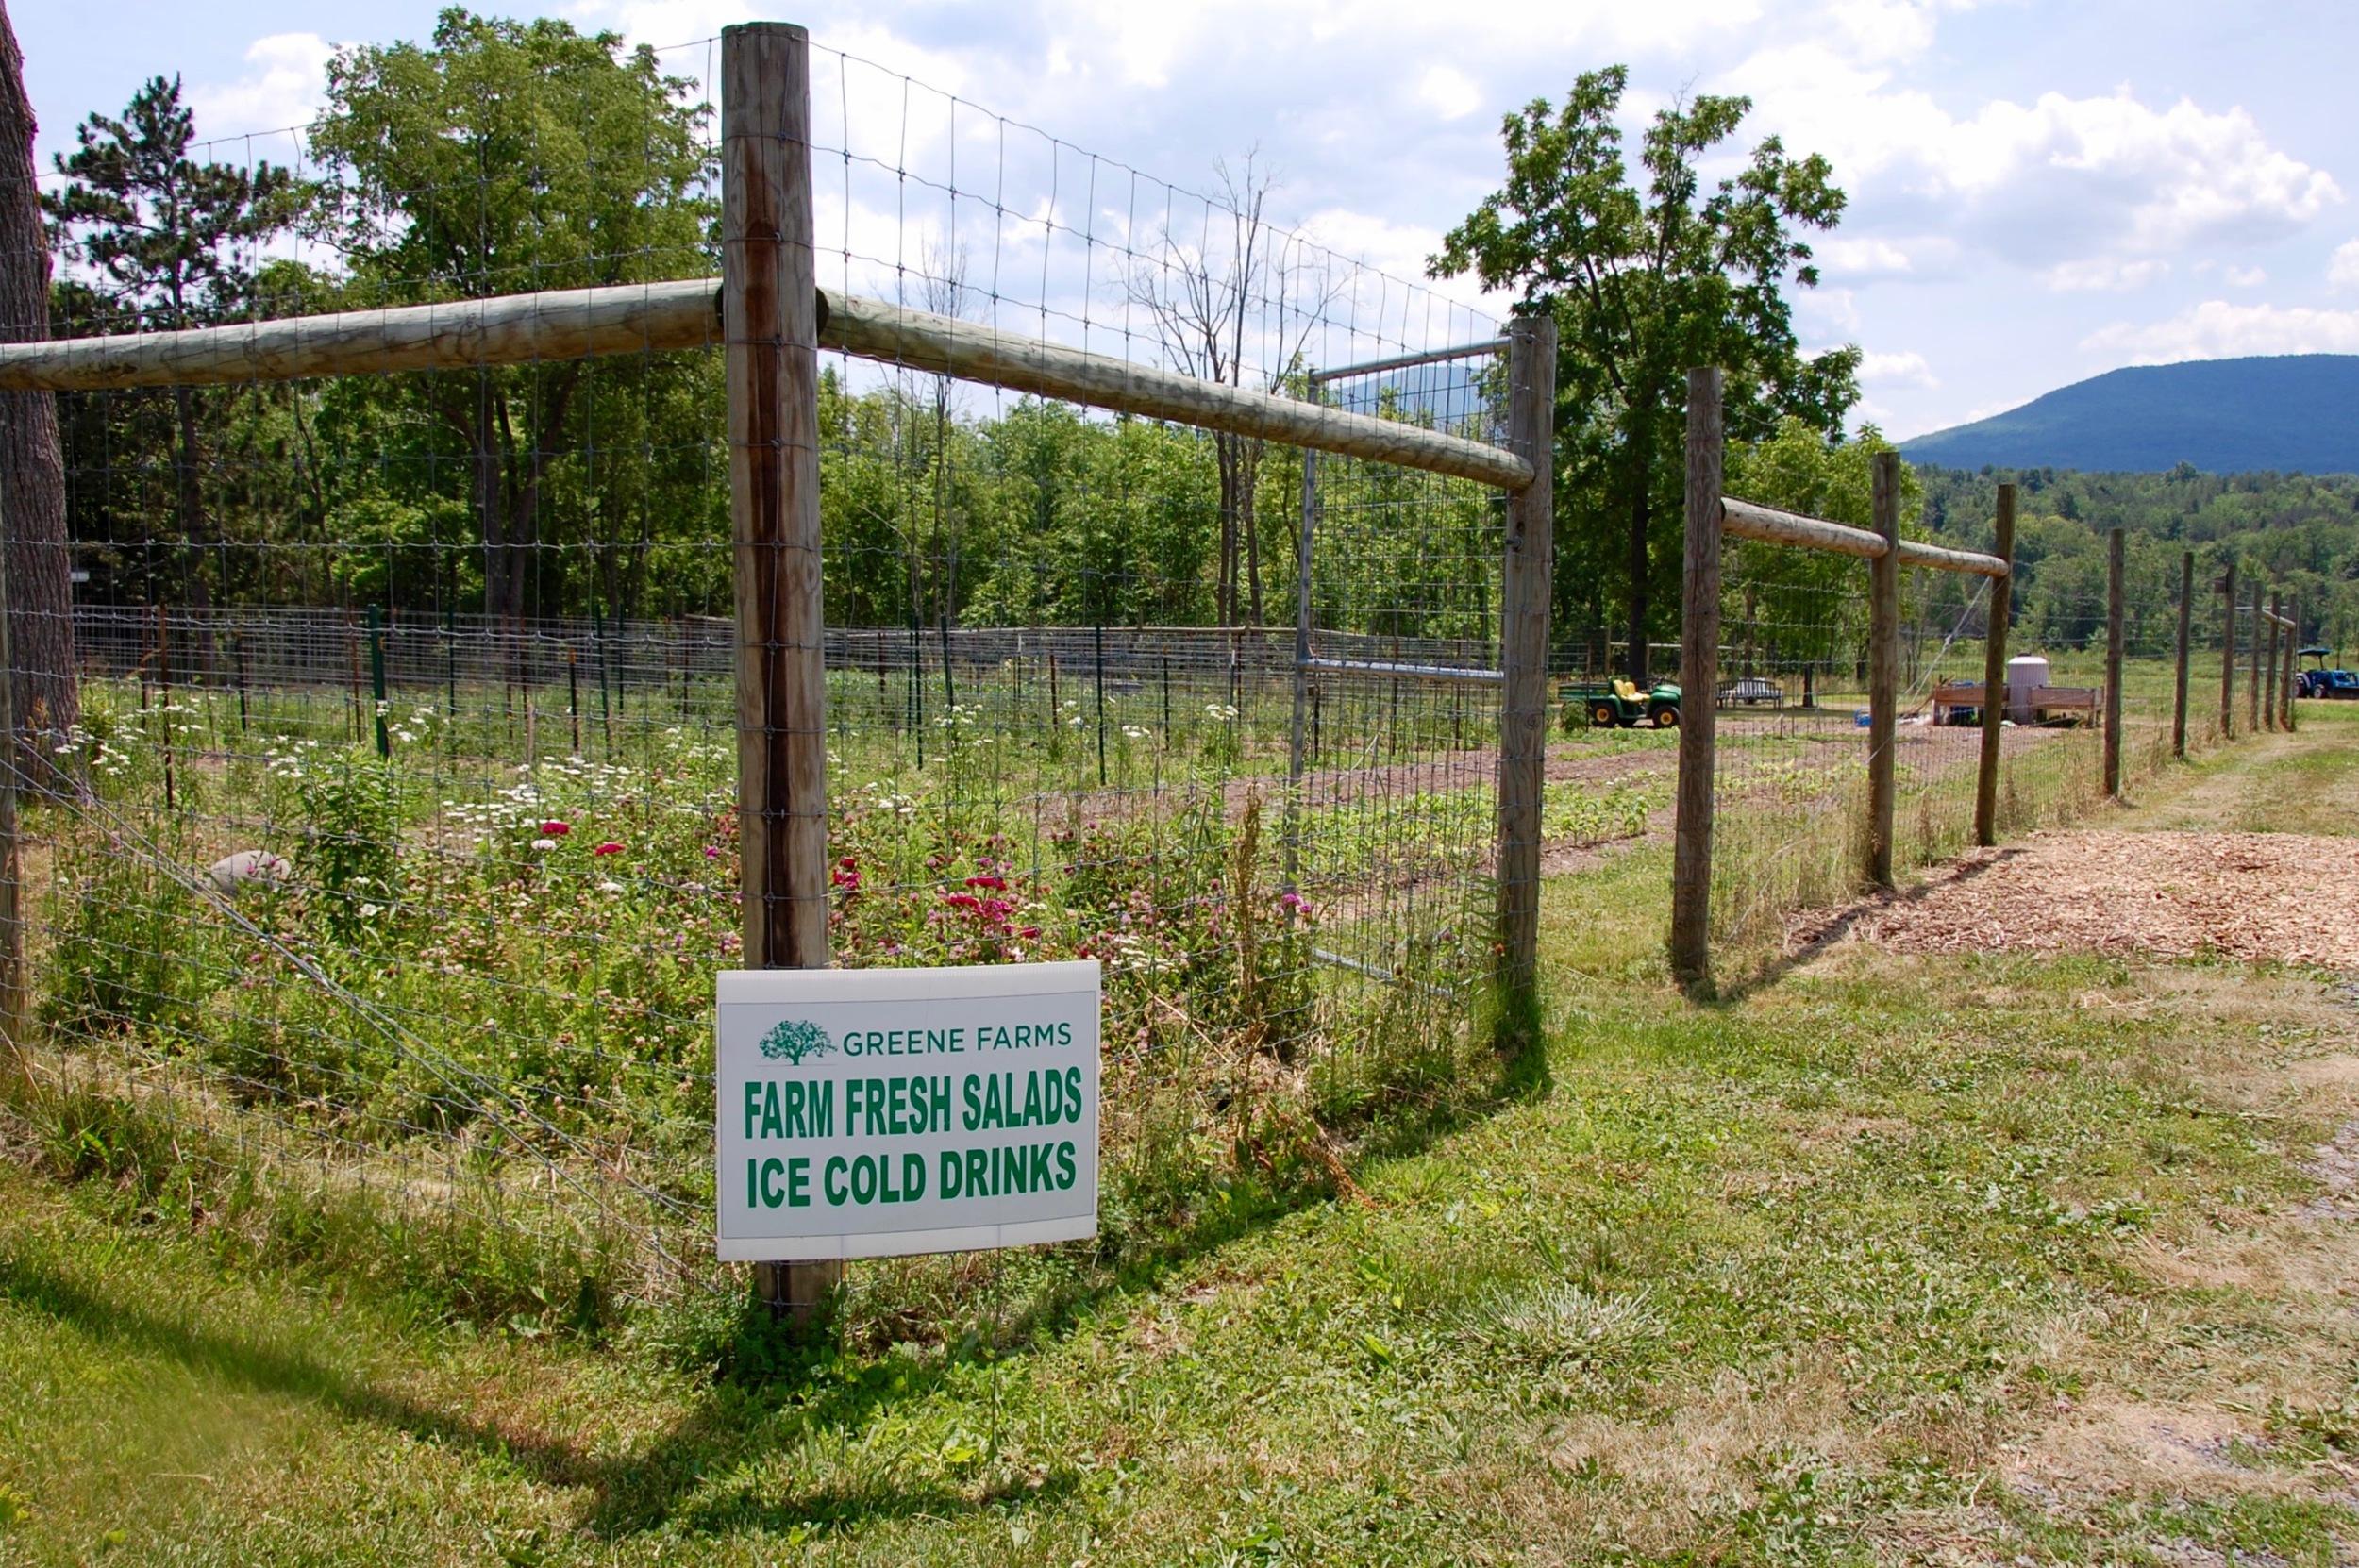 Greene Farms Cornwallville NY